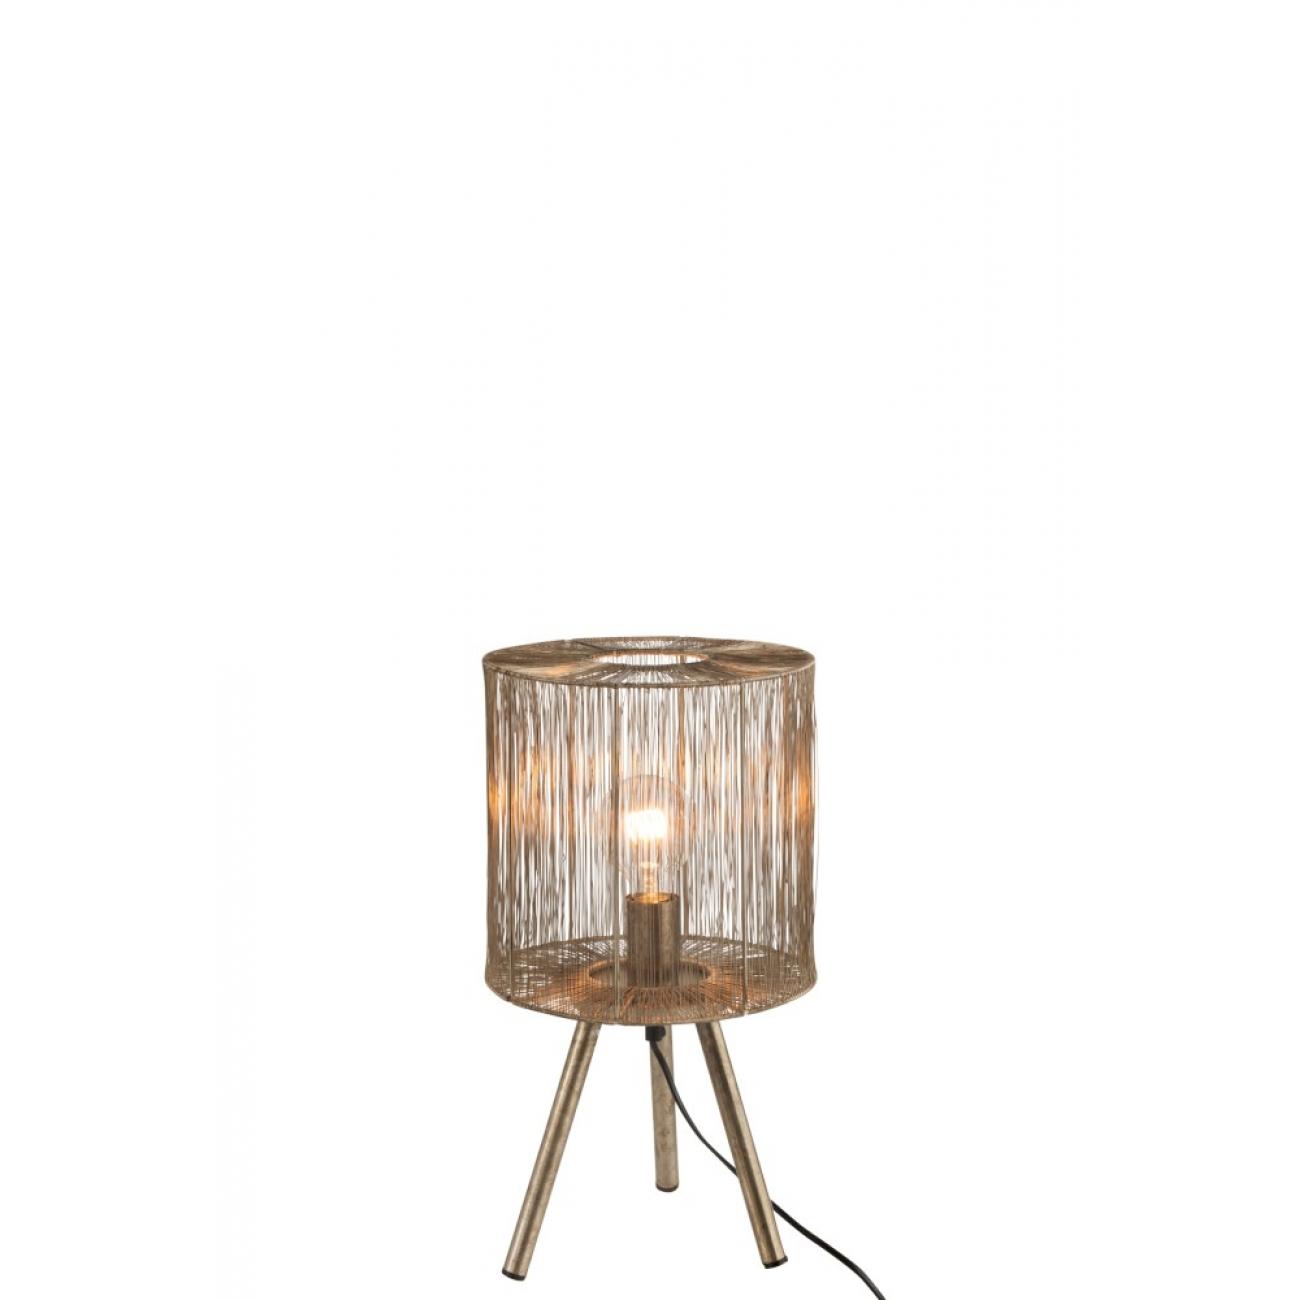 Лампа настольная металлическая  J-LINE  на ножках бронзового цвета Бельгия